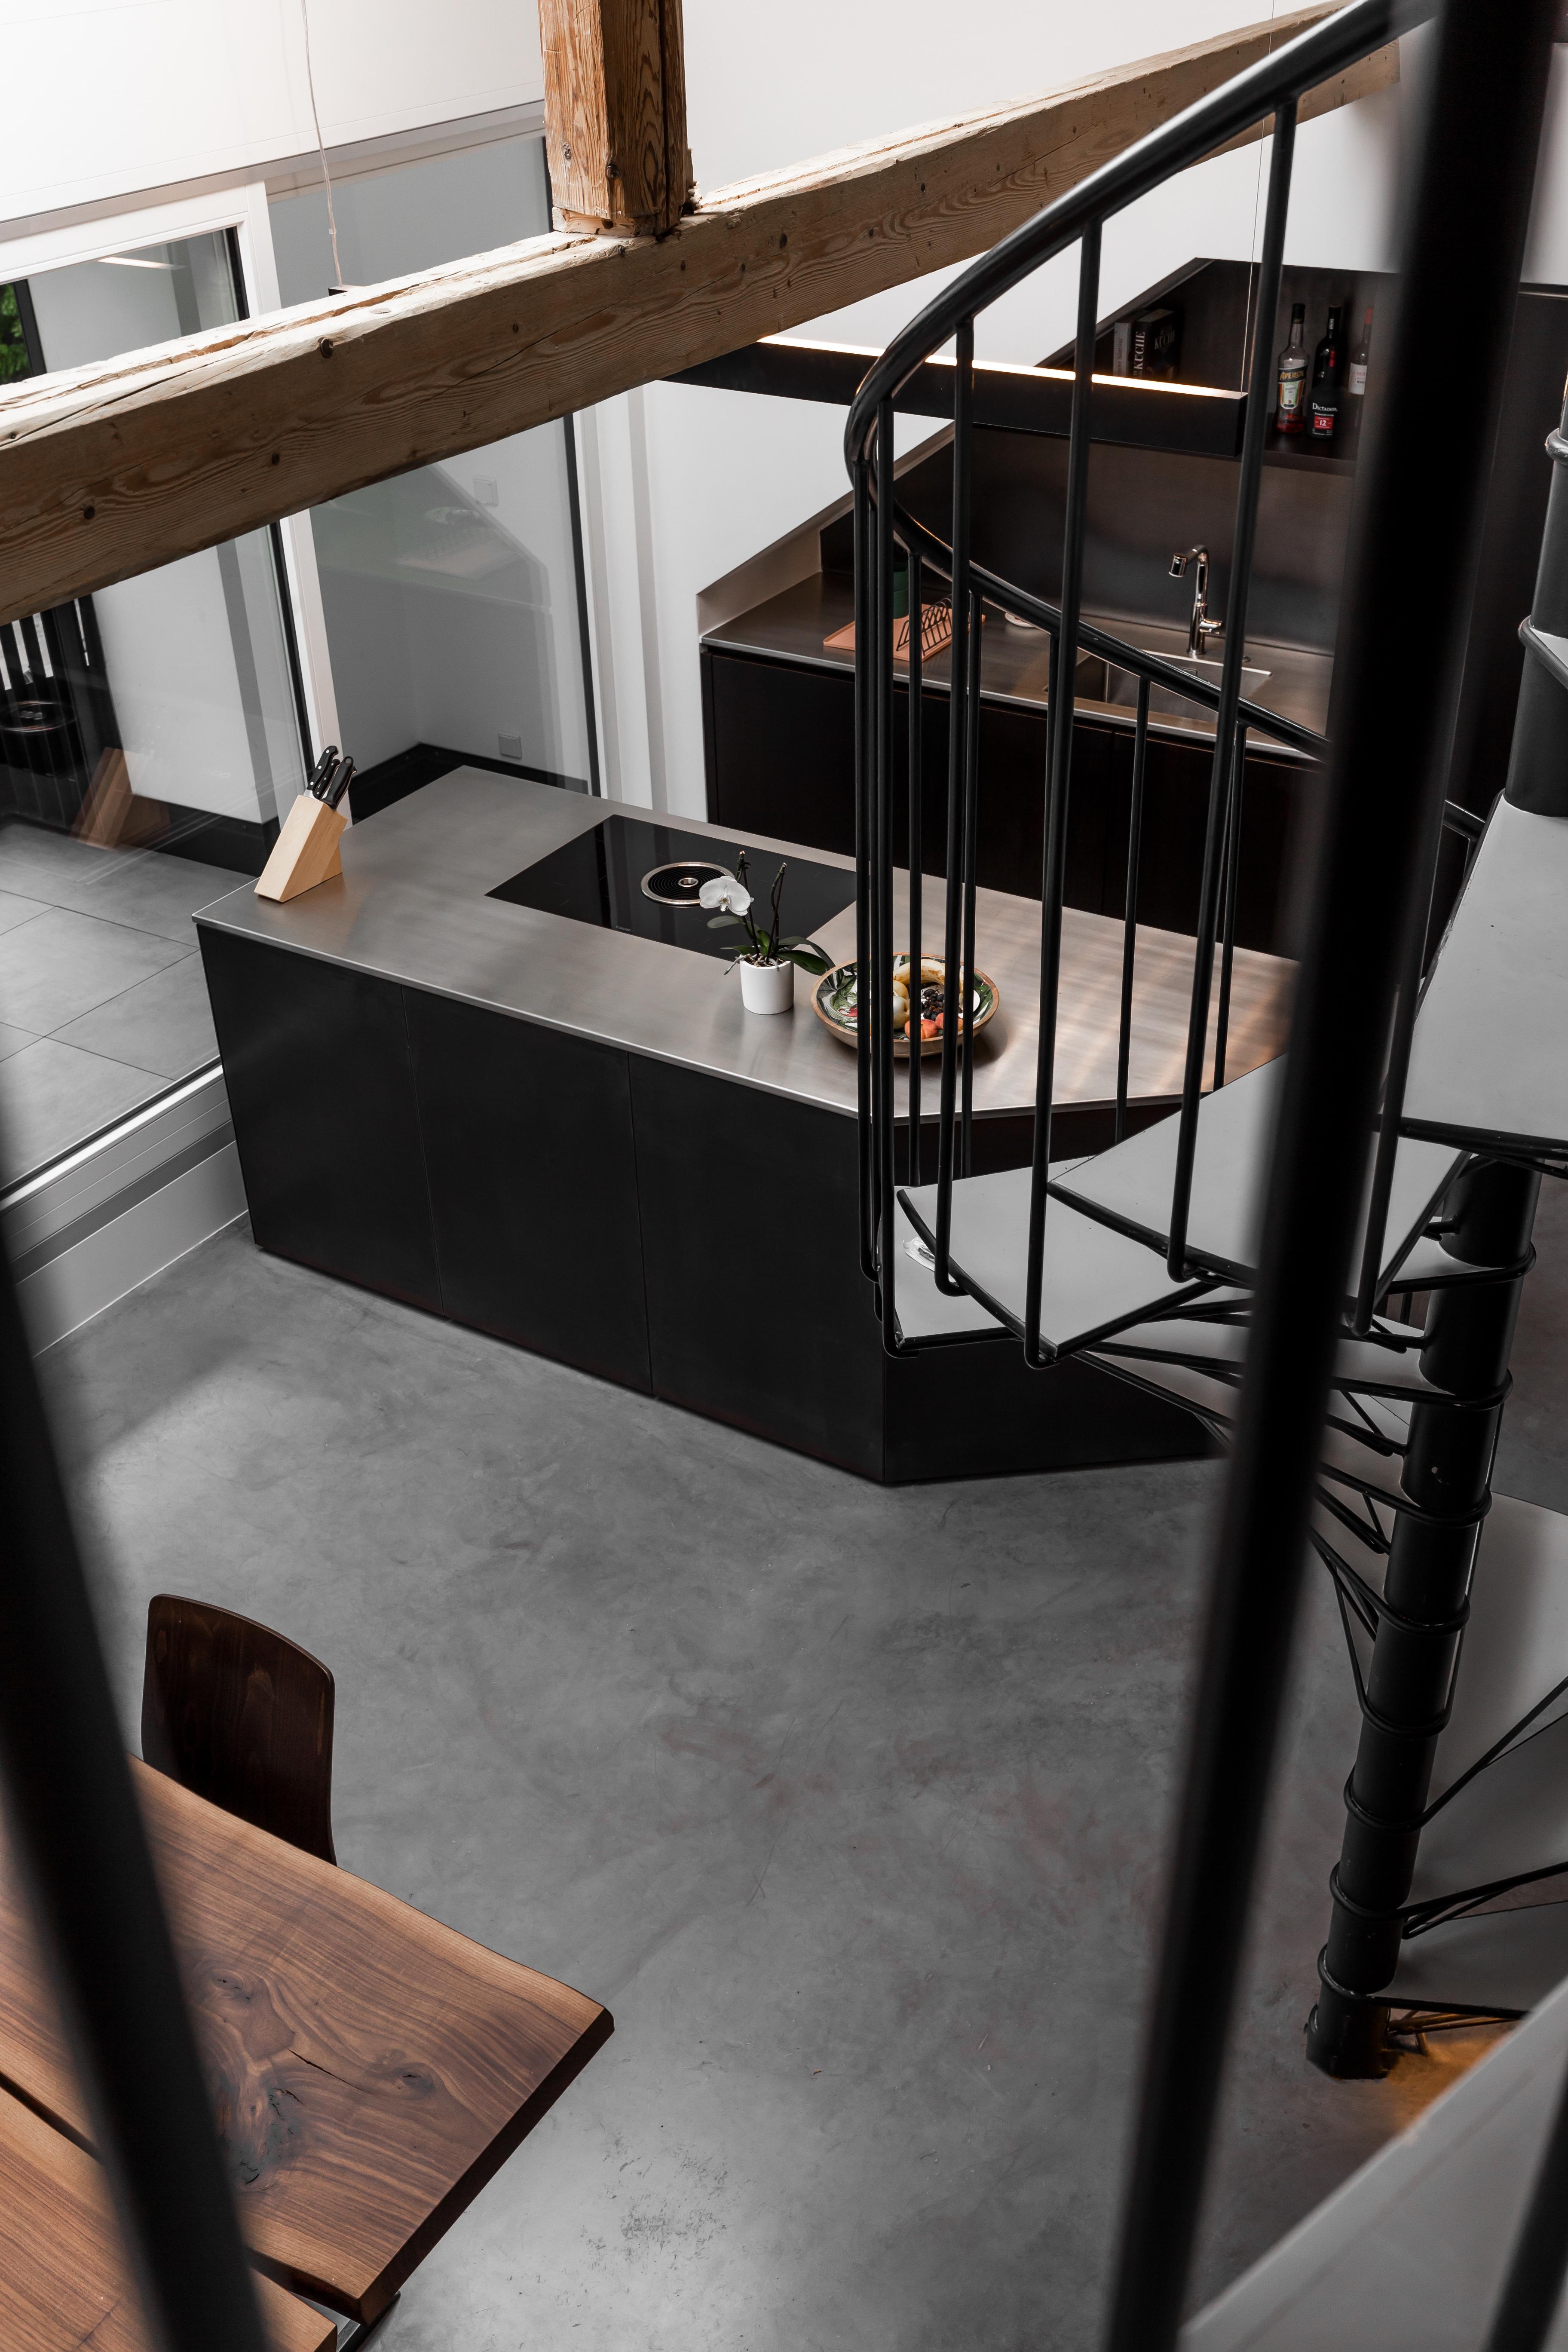 dachboden imst | roeck architekten